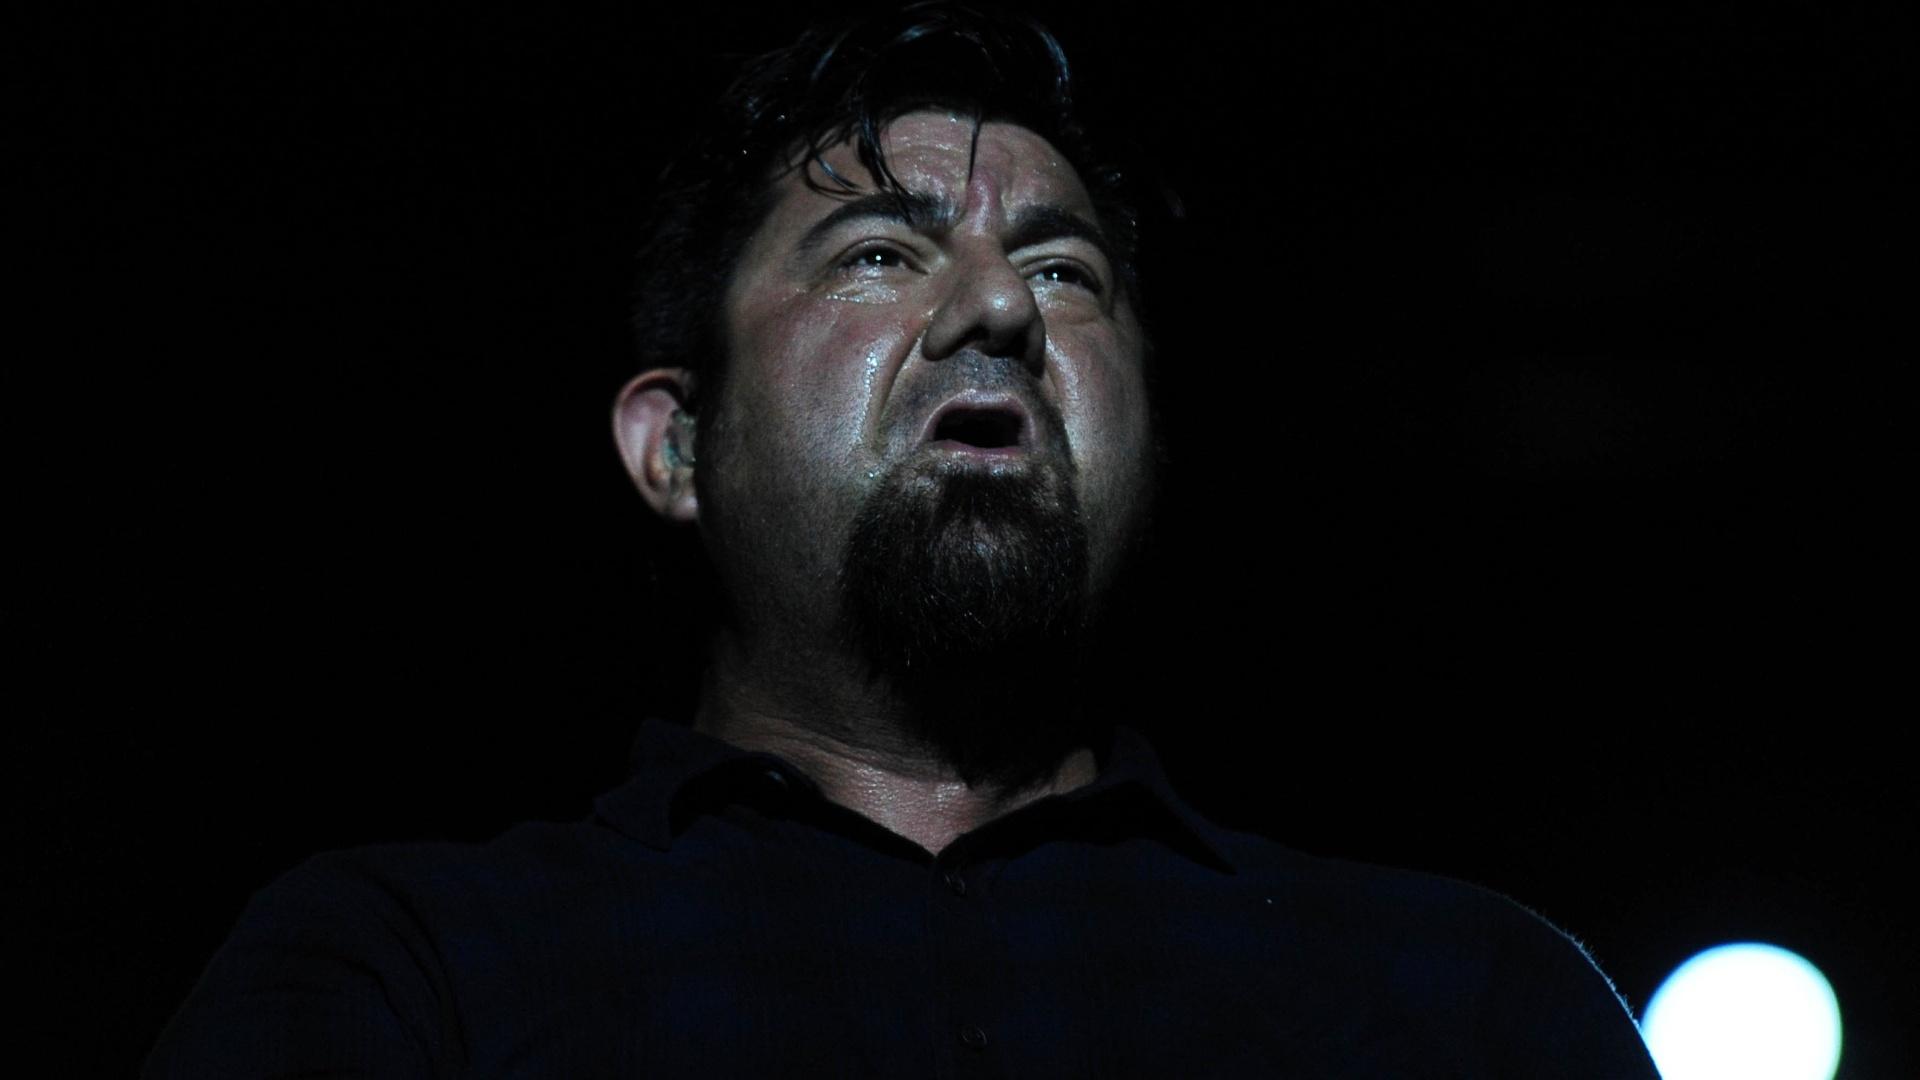 25.set.2015 - O vocalista Chino Moreno durante show da banda Deftones em São Paulo